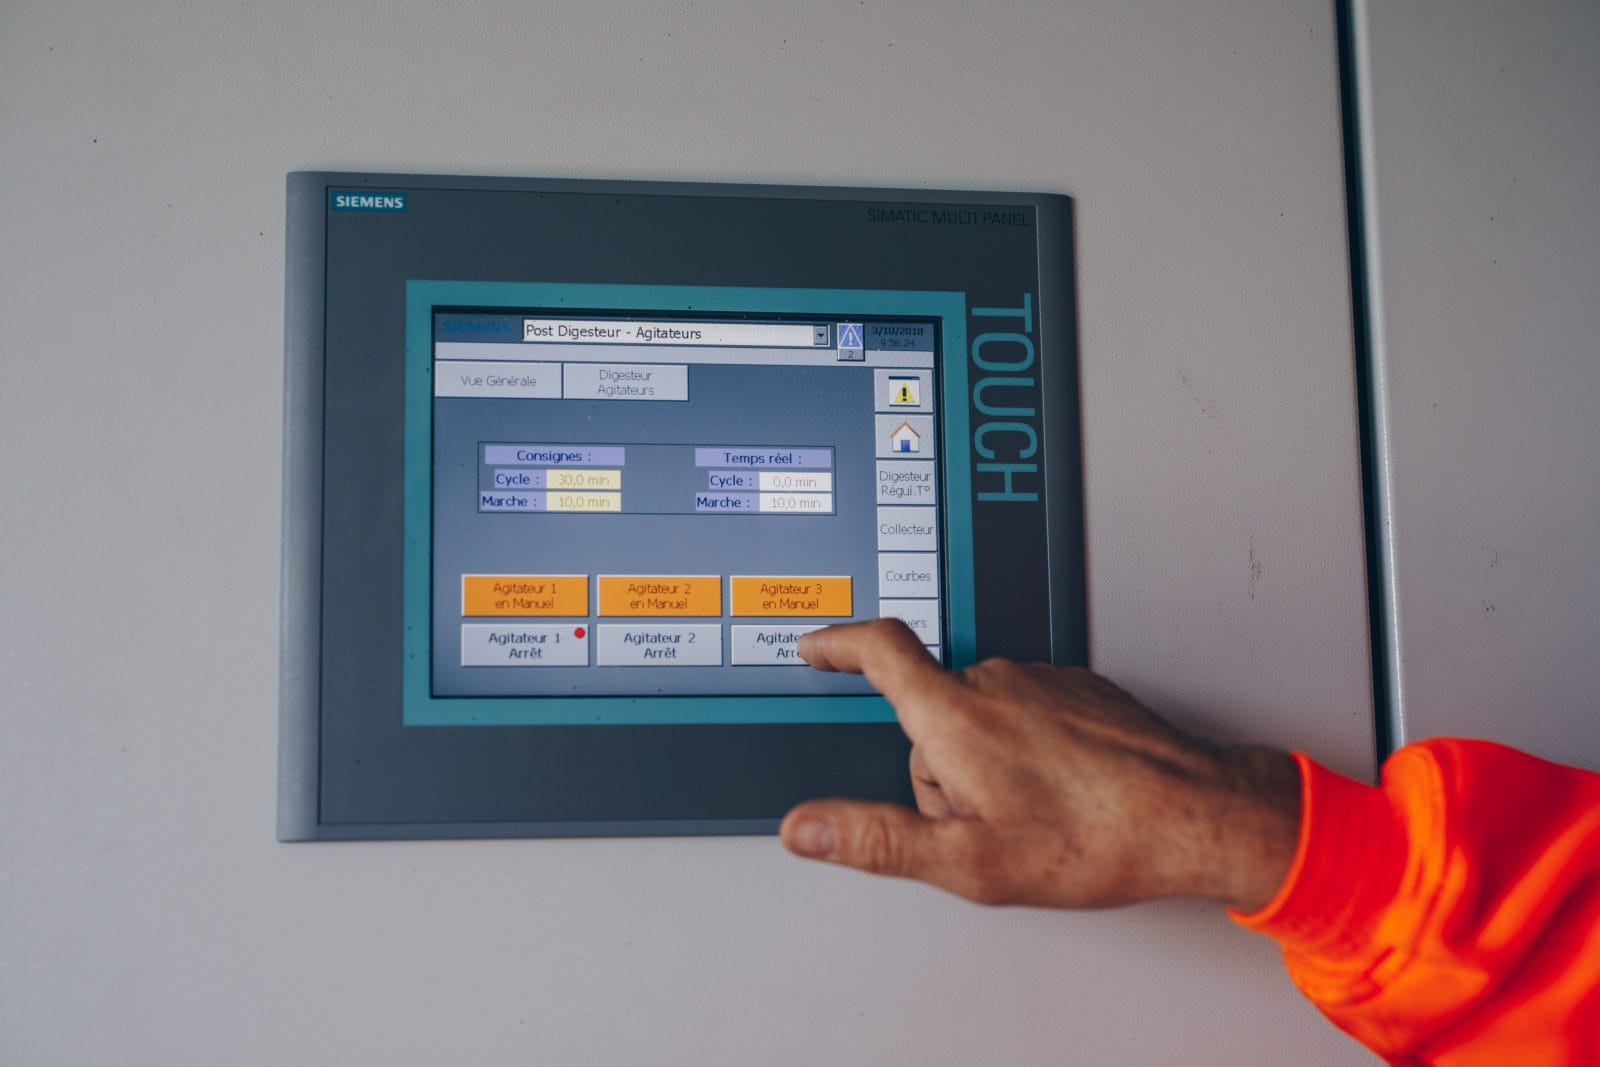 tableau-connecté-intrant-énergie-déchets